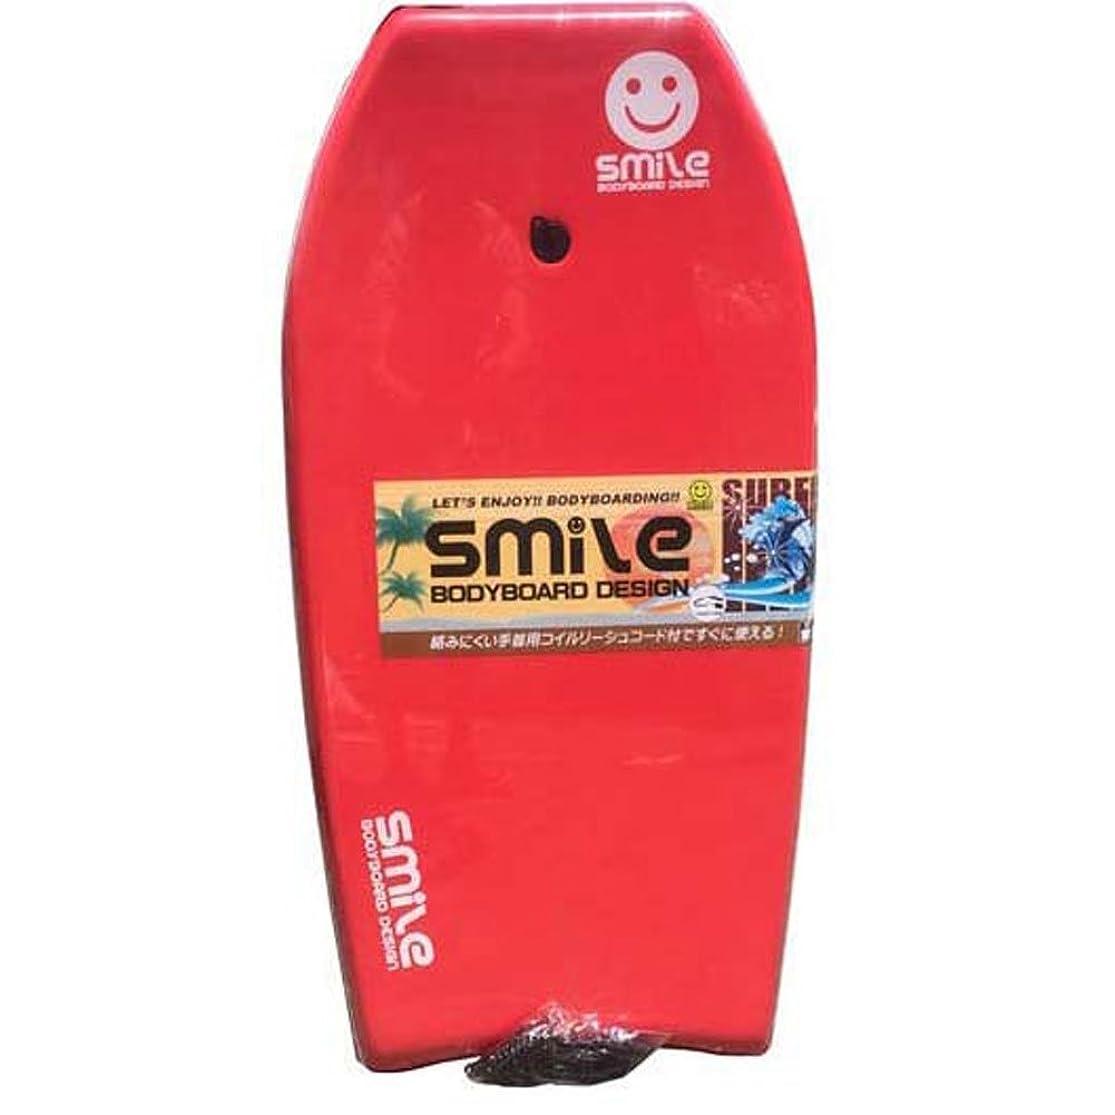 実験室地下大腿スマイル ボディボード Smile Bodyboard &リーシュセット 41.5インチ/